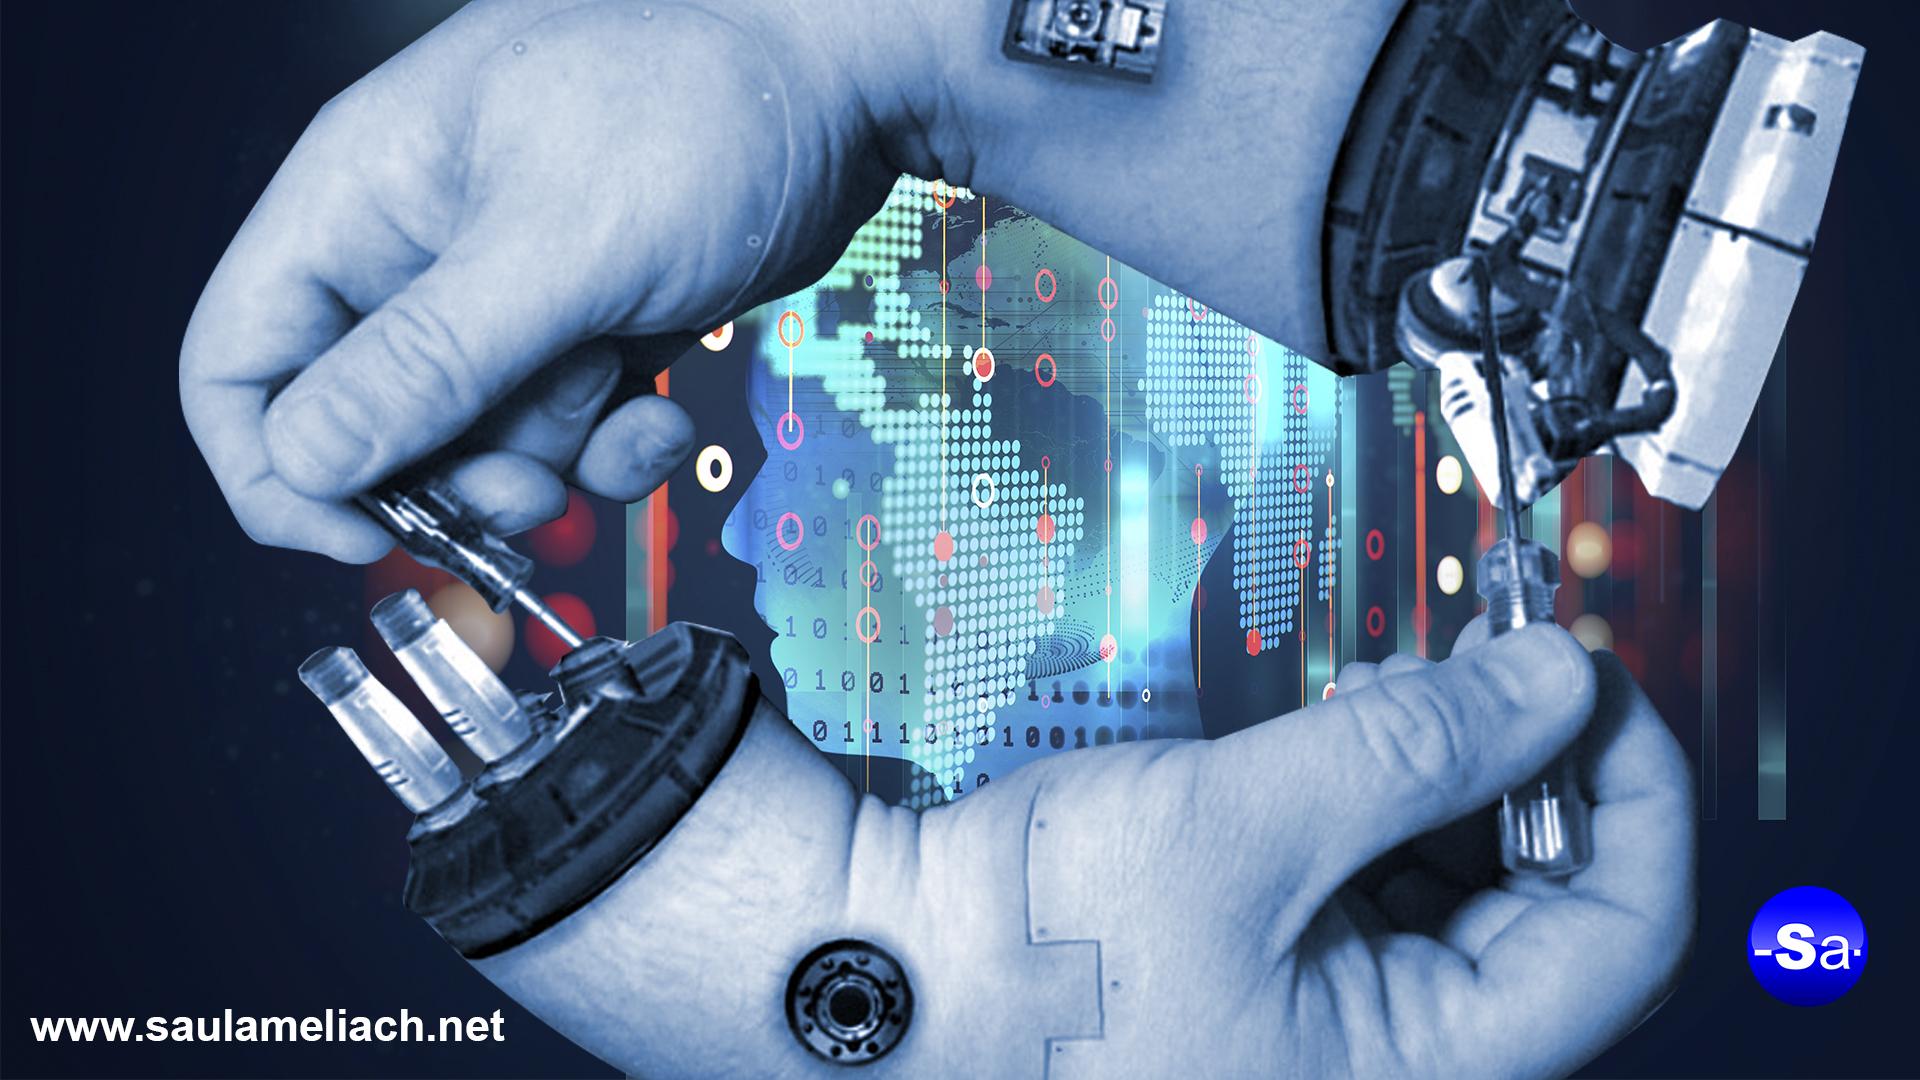 saul ameliach - Inteligencia Artificial y la industria 4.0